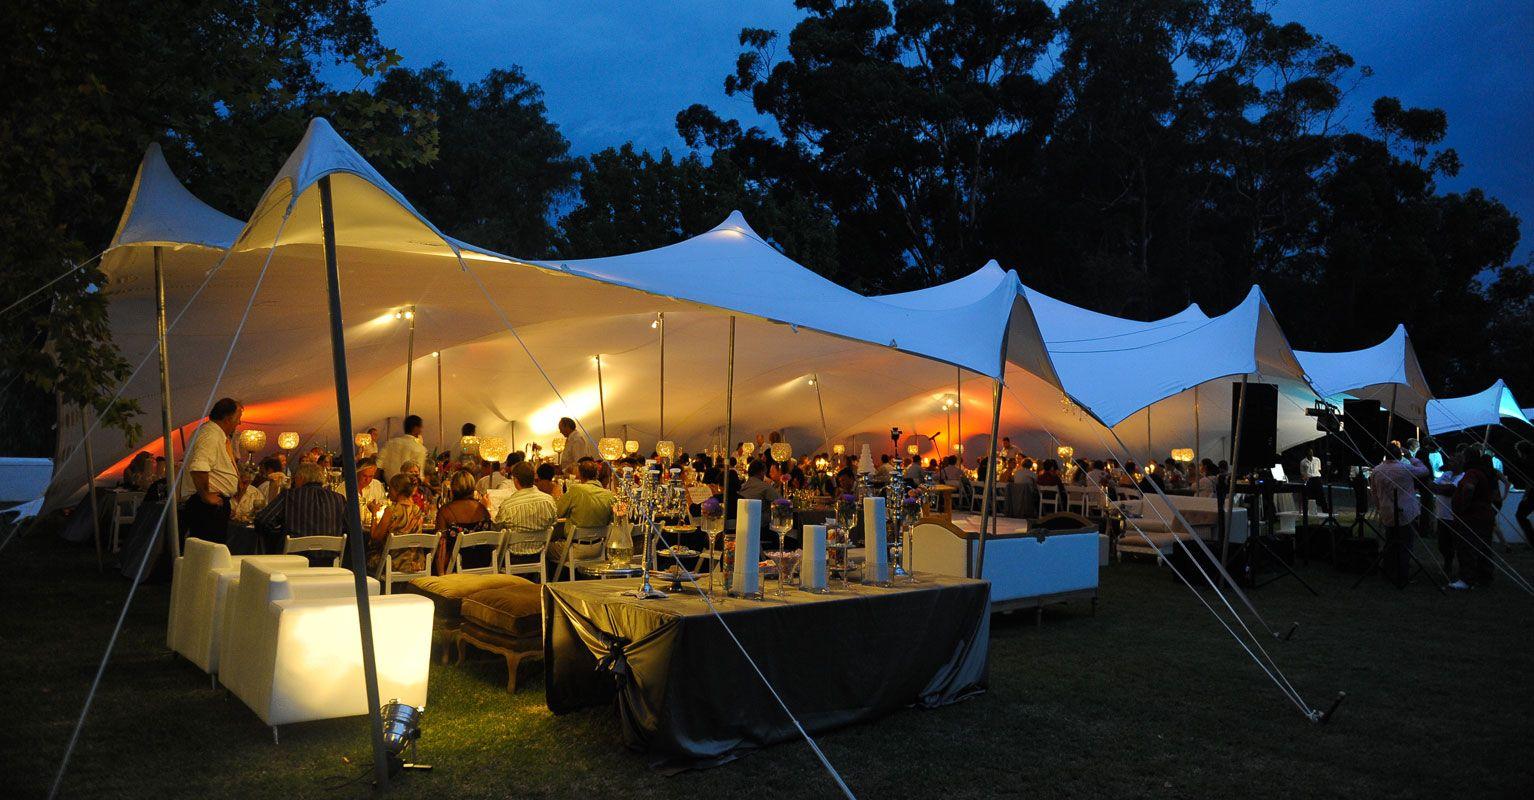 bedouin-tent-hire-wales.jpg (1534×800) & bedouin-tent-hire-wales.jpg (1534×800) | Wedding tent u0026 outdoor ...